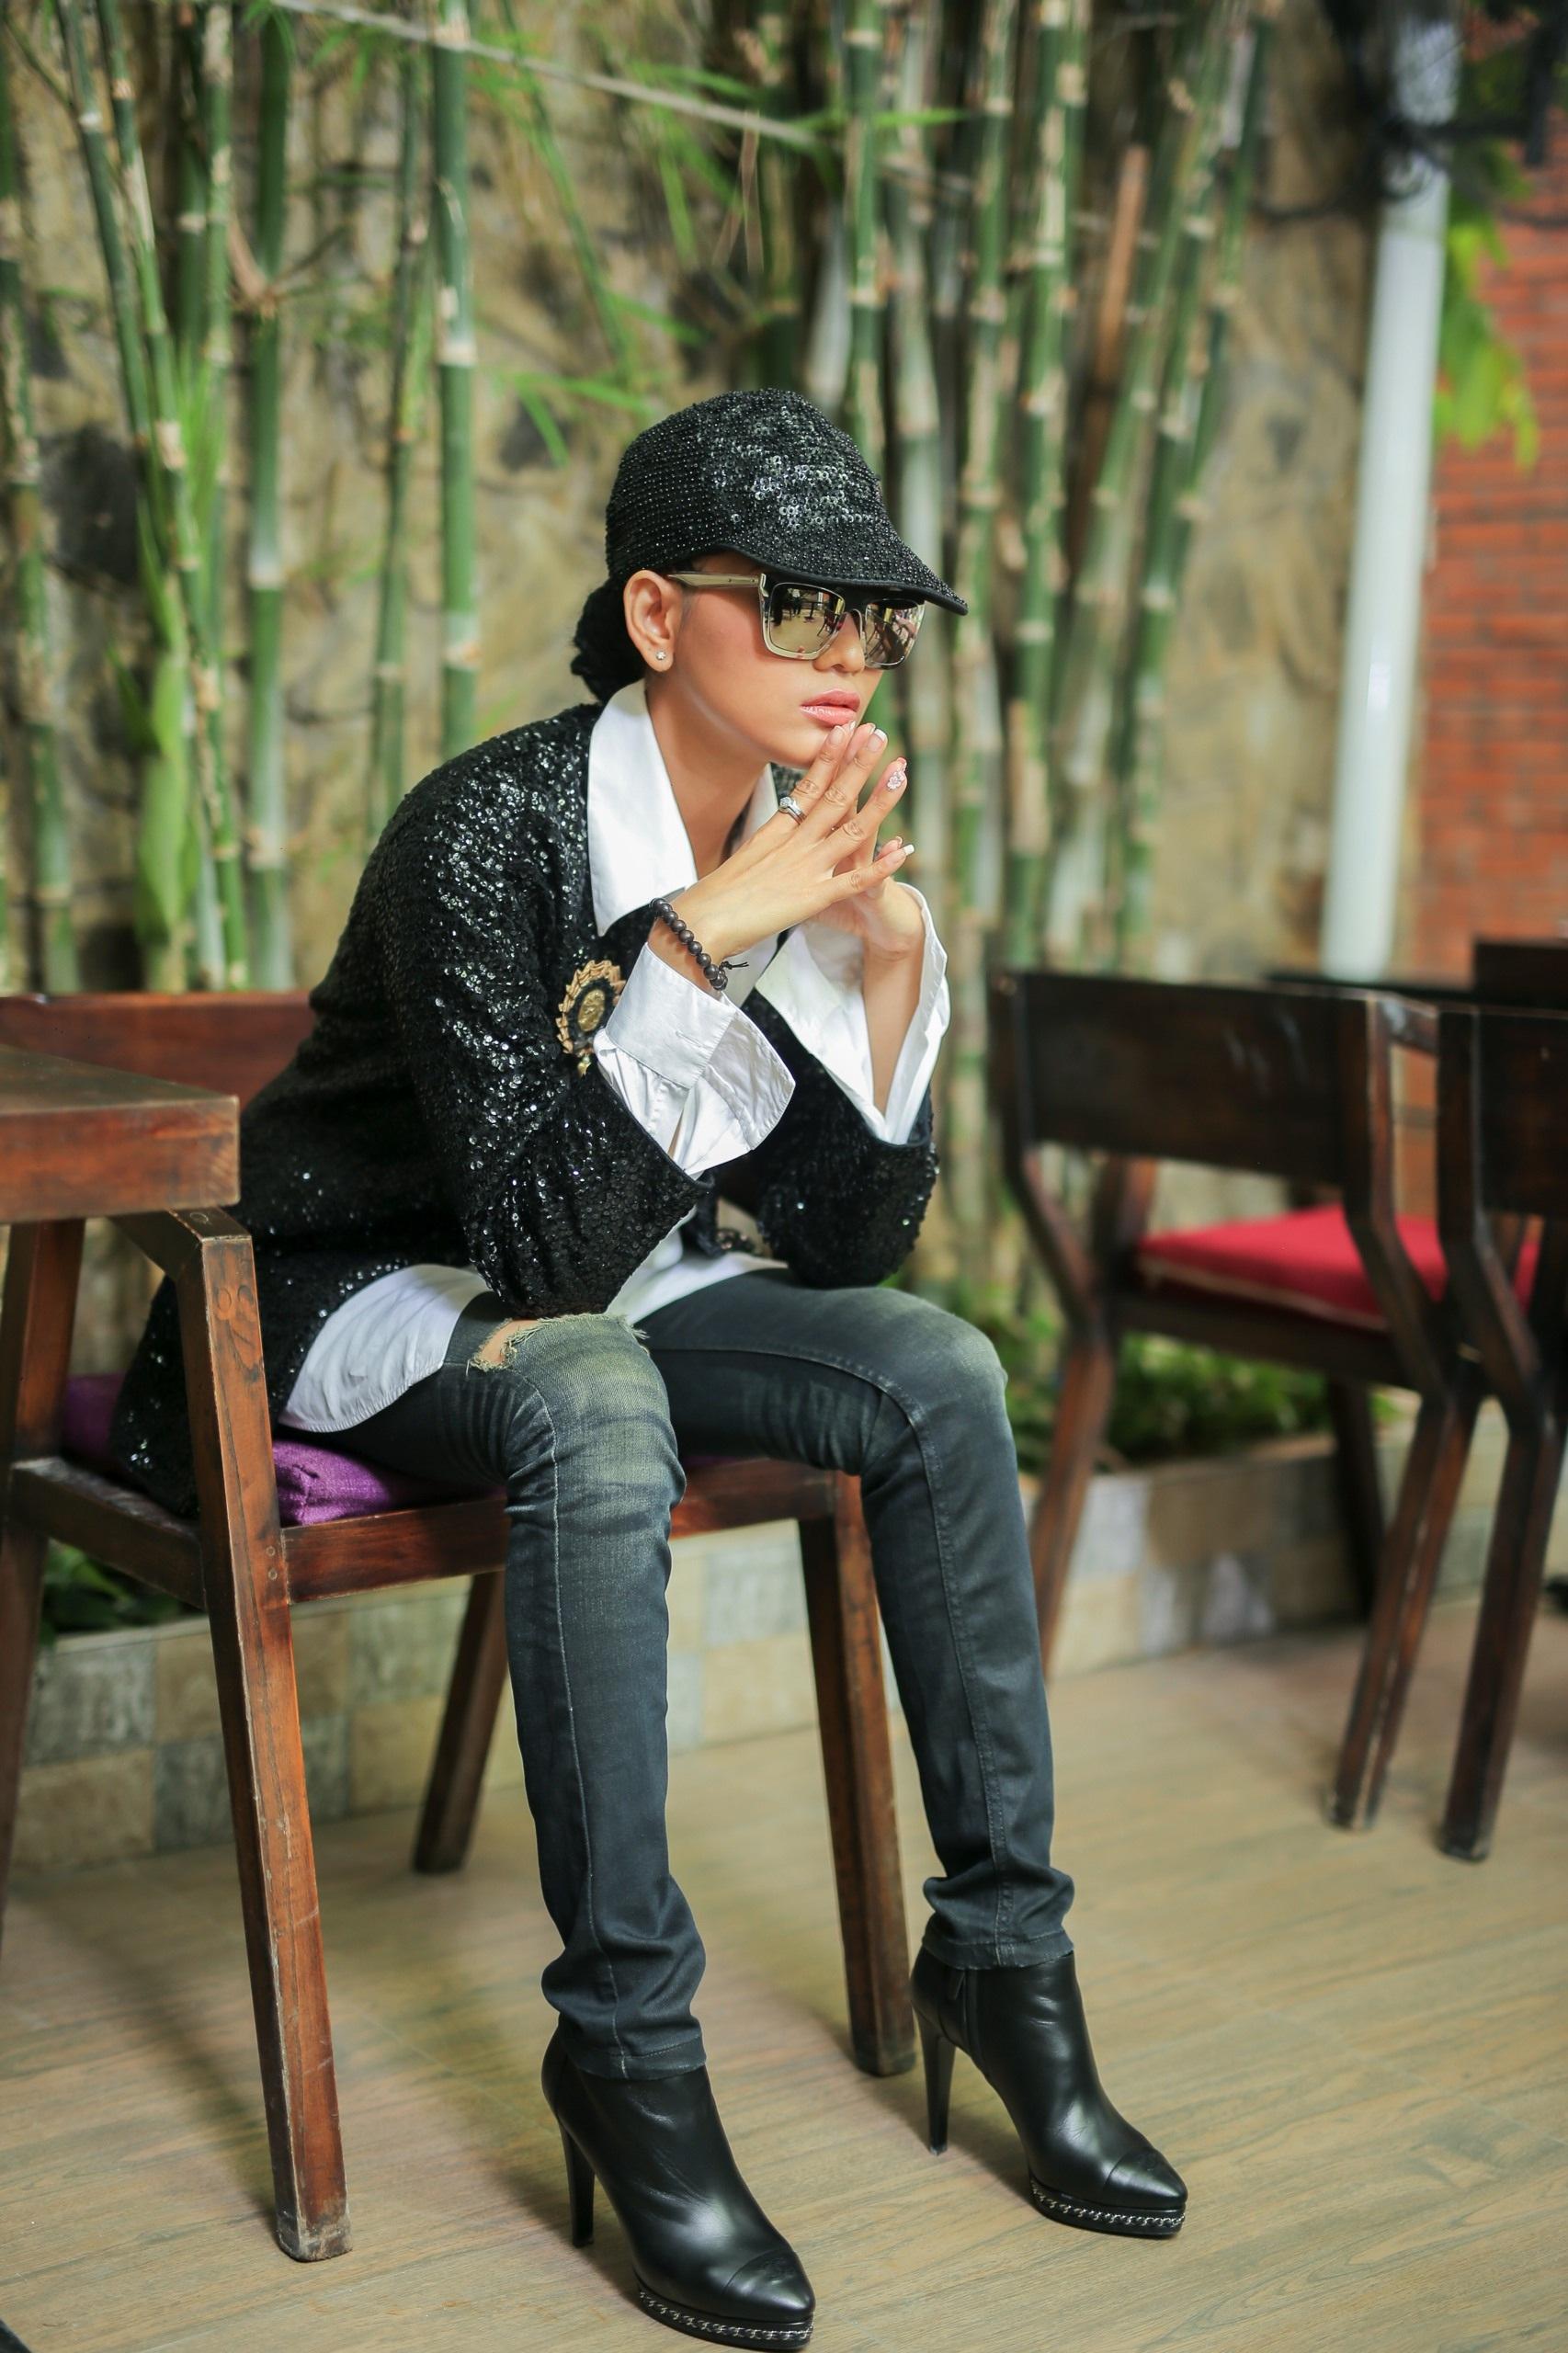 Vẻ nam tính của Trương Thị May càng được tôn thêm khi cô đội nón cùng tông đen với áo khoác.